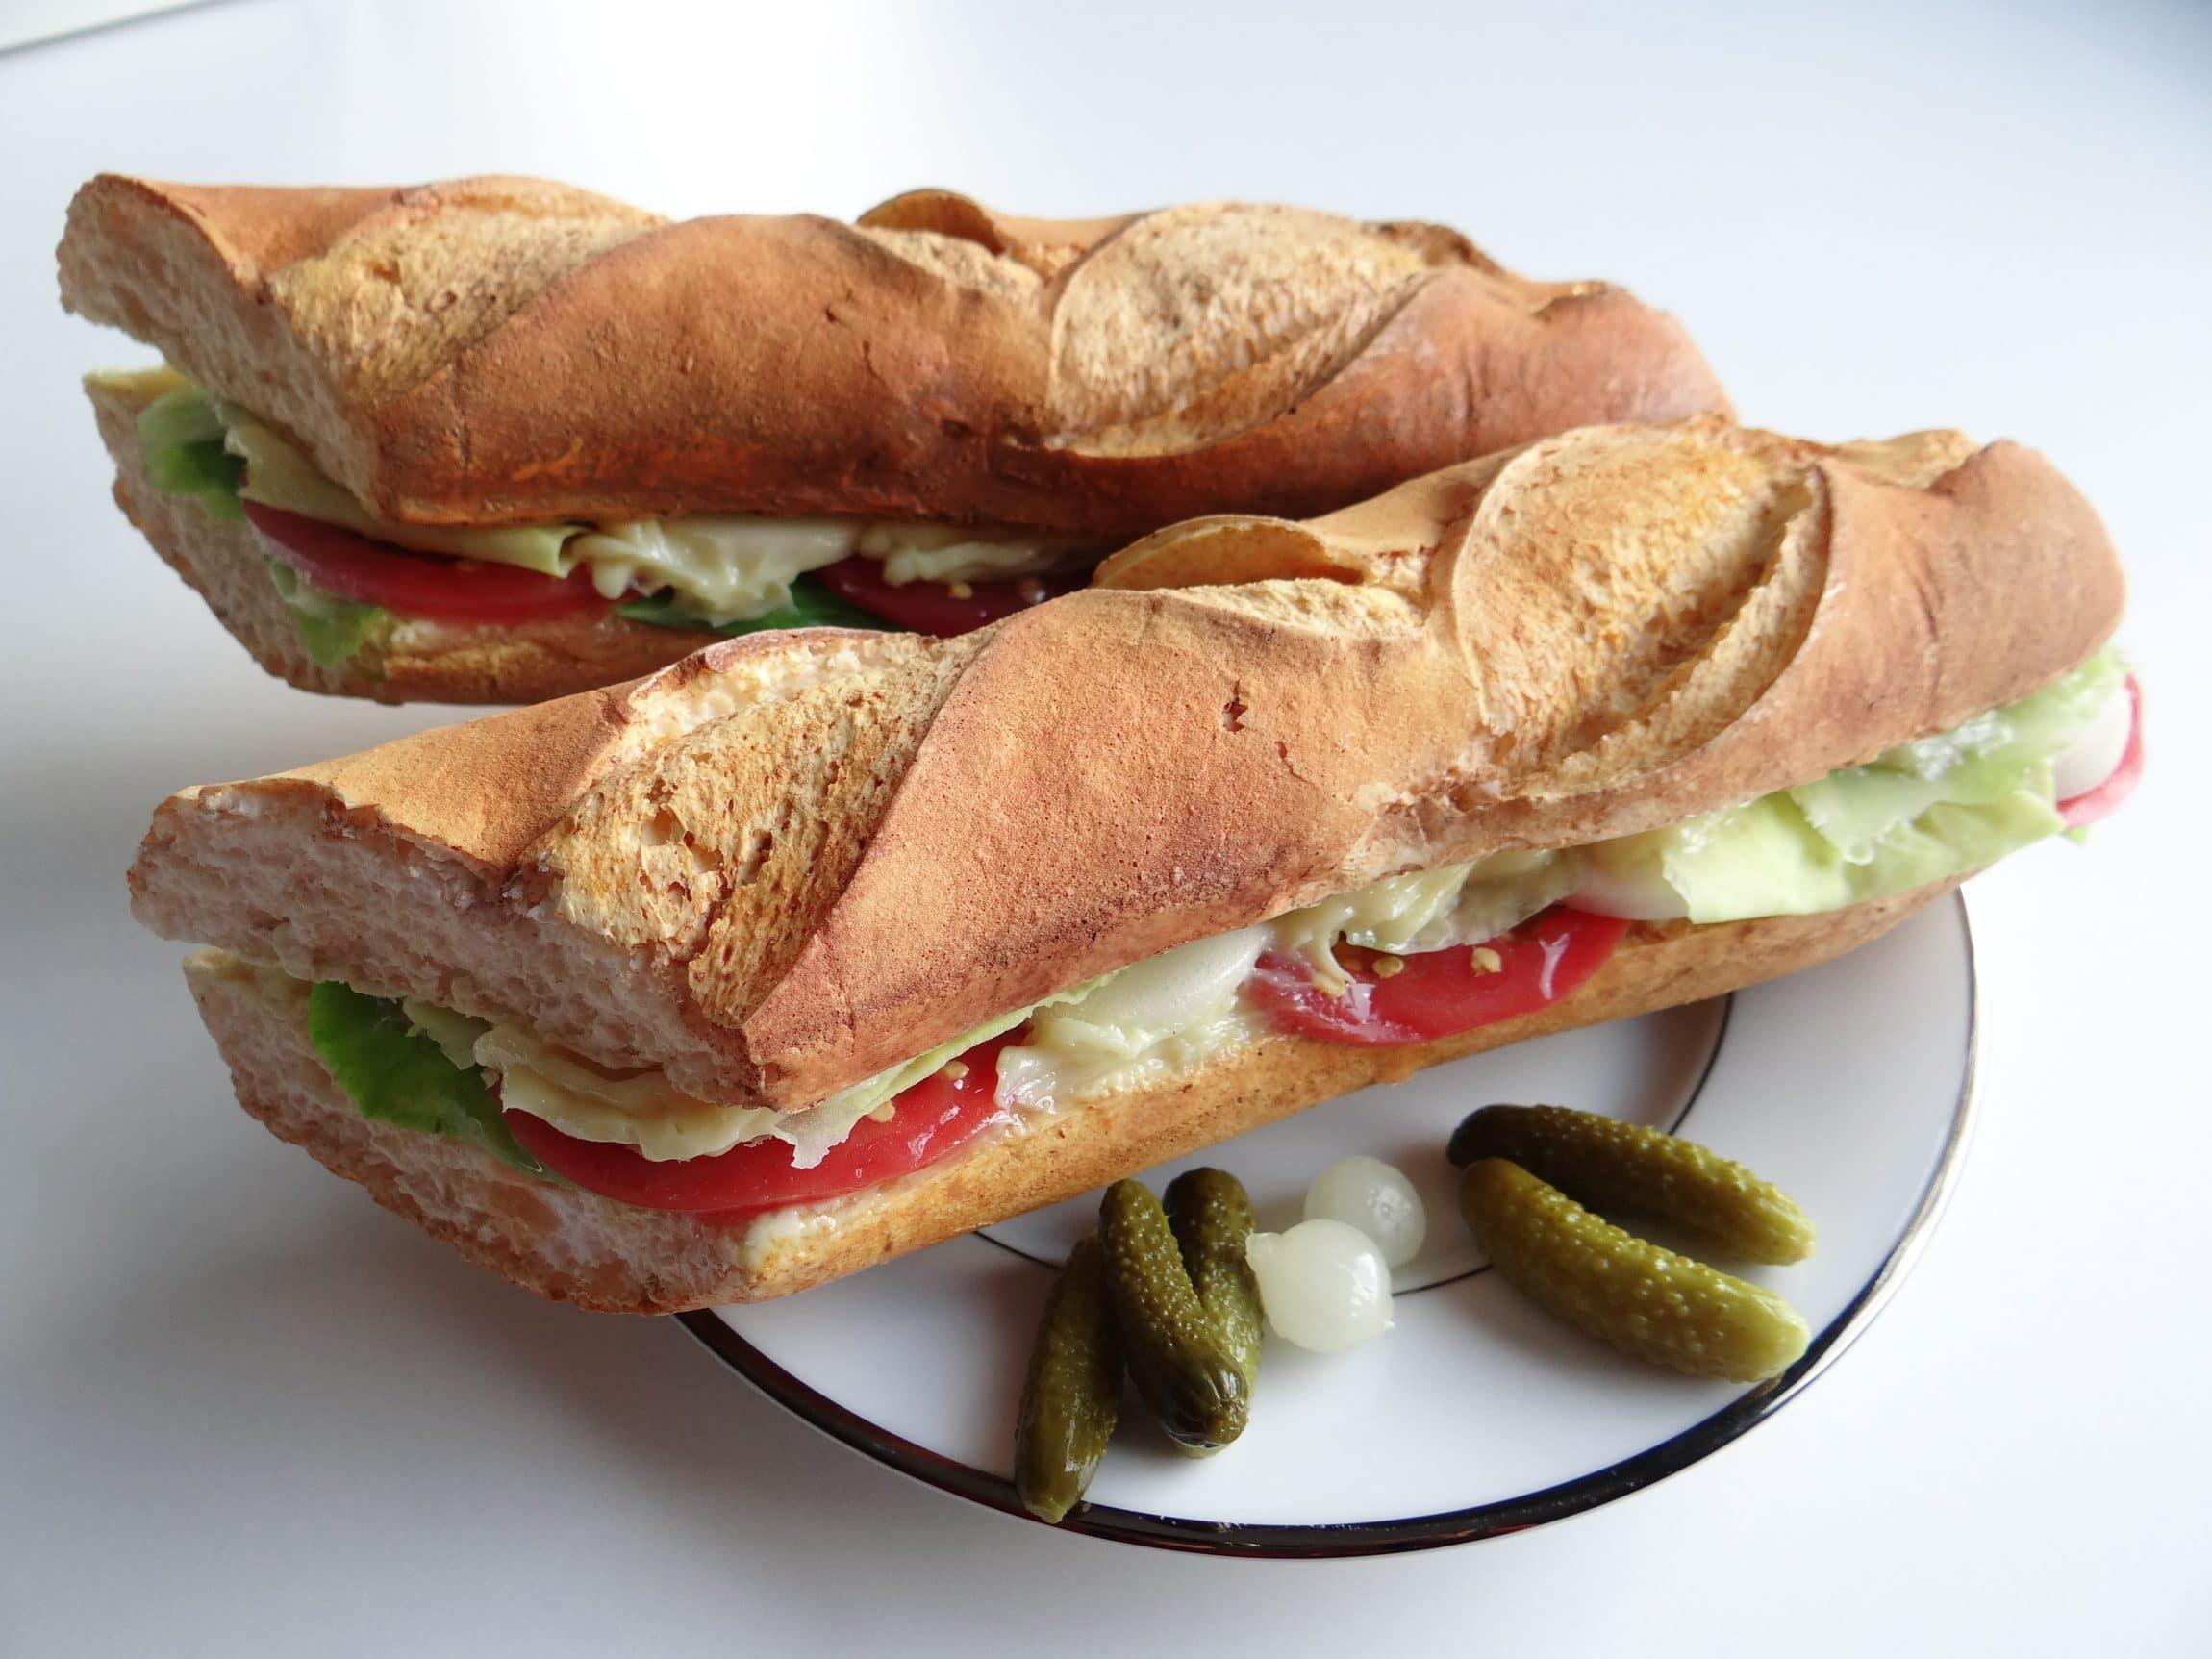 faux sandwichs pain baguette factices cobalt fx. Black Bedroom Furniture Sets. Home Design Ideas